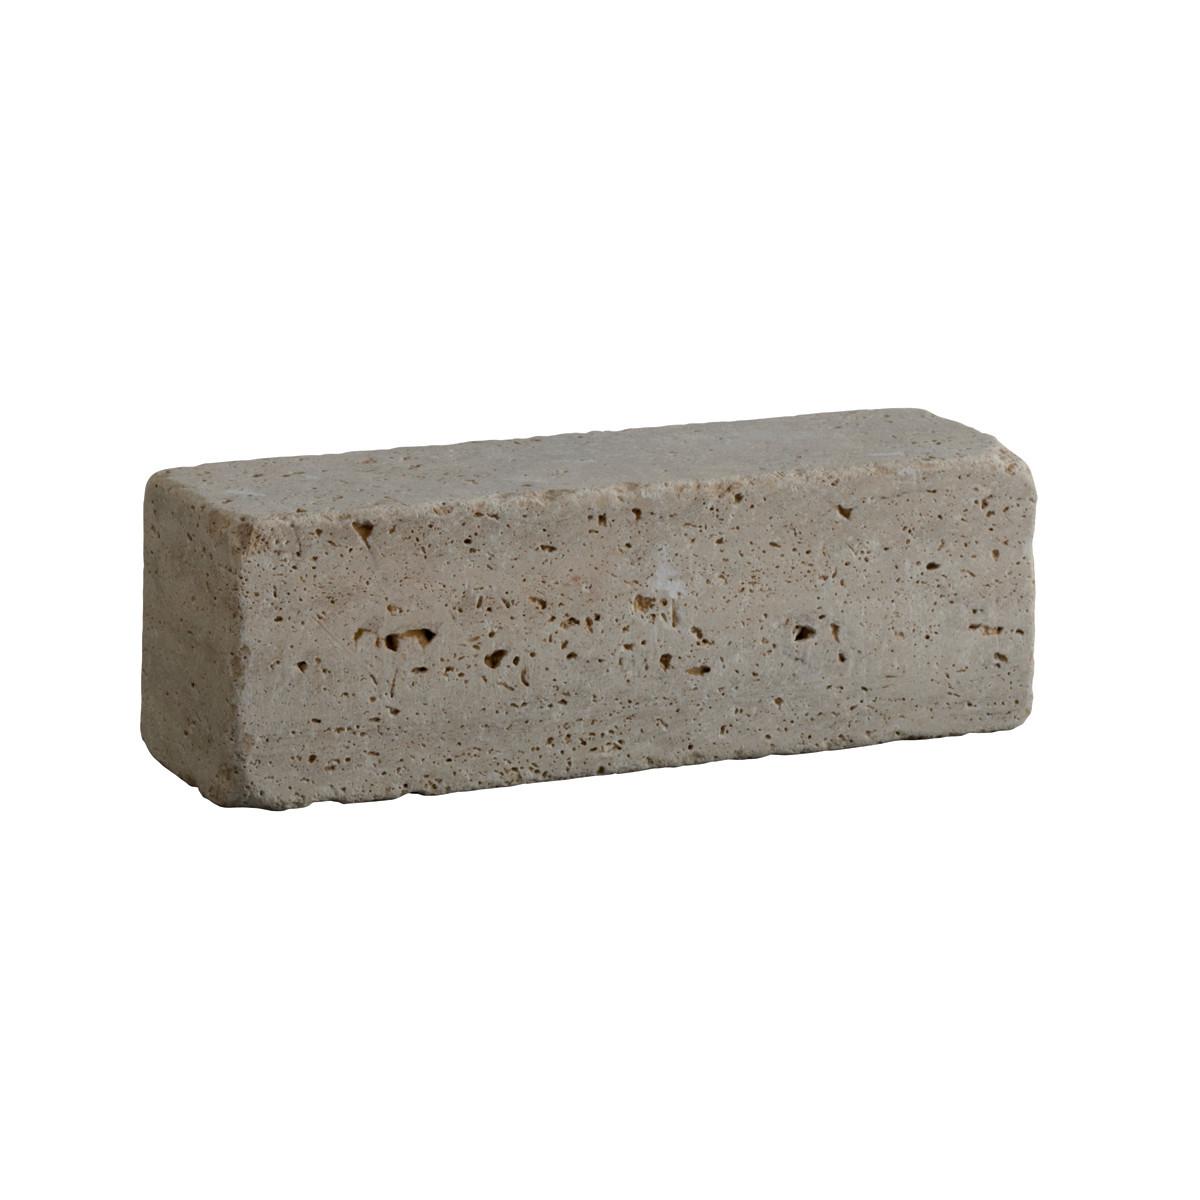 Blocco blocchetto travertino in pietra prezzi e offerte for Cordoli in cemento leroy merlin